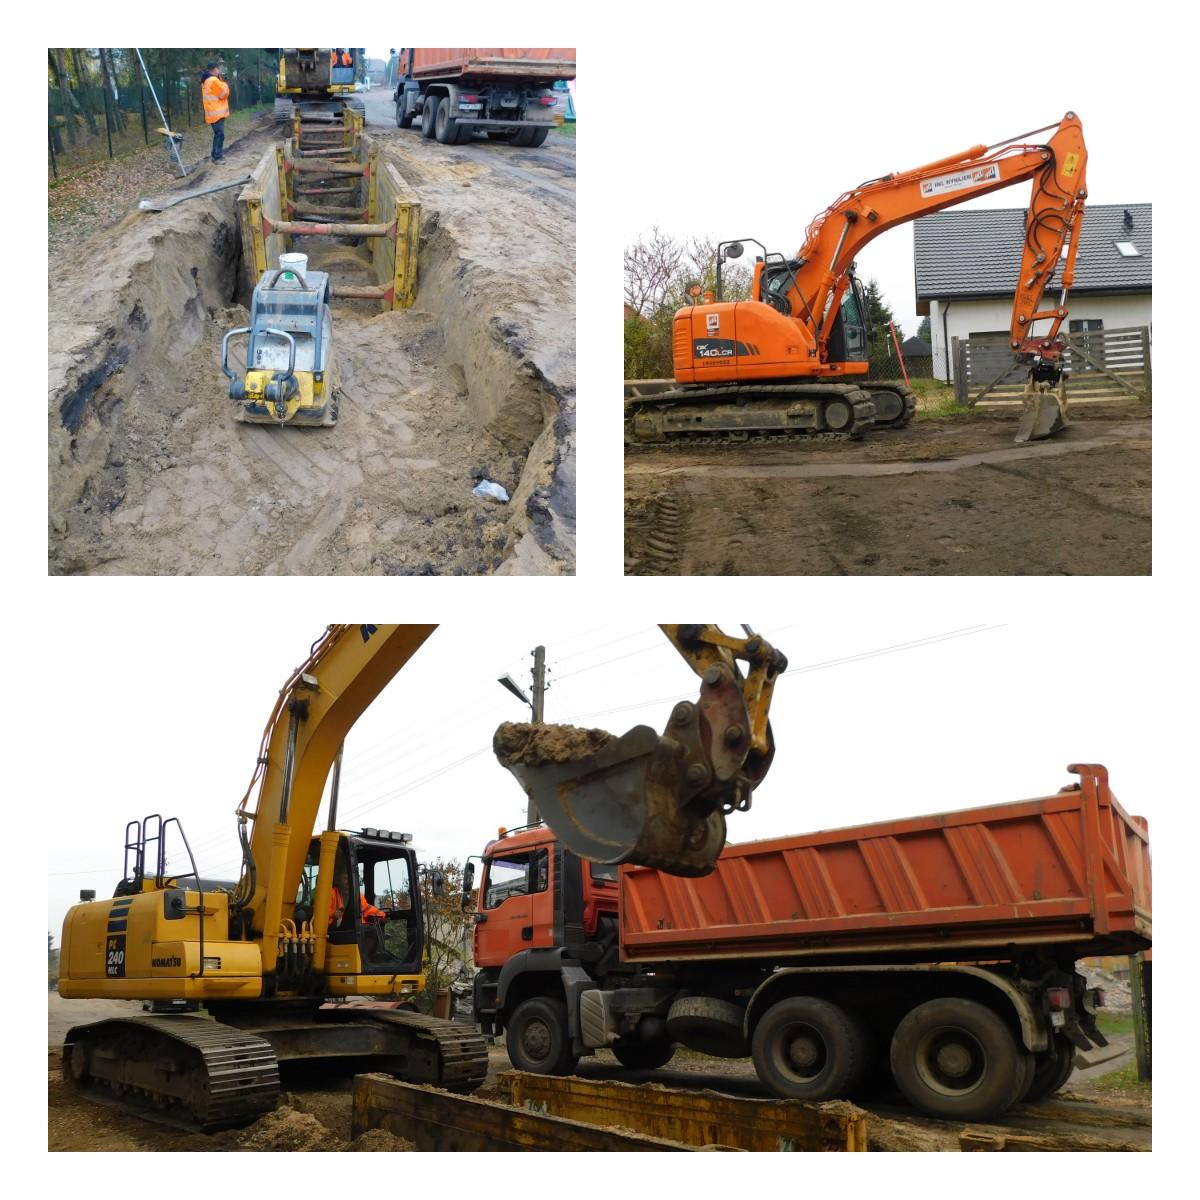 3 zdjęcia, 1 zdjęcie pokazuje urządzenia rozporowe w wykopanym dole obok nich pracownik, drugie zdjęcie pokazuje koparkę zaczynającą pracę, 3 zdjęcie pokazuje koparkę z nabranym piachem z dołu, obok stoi ciężarówka